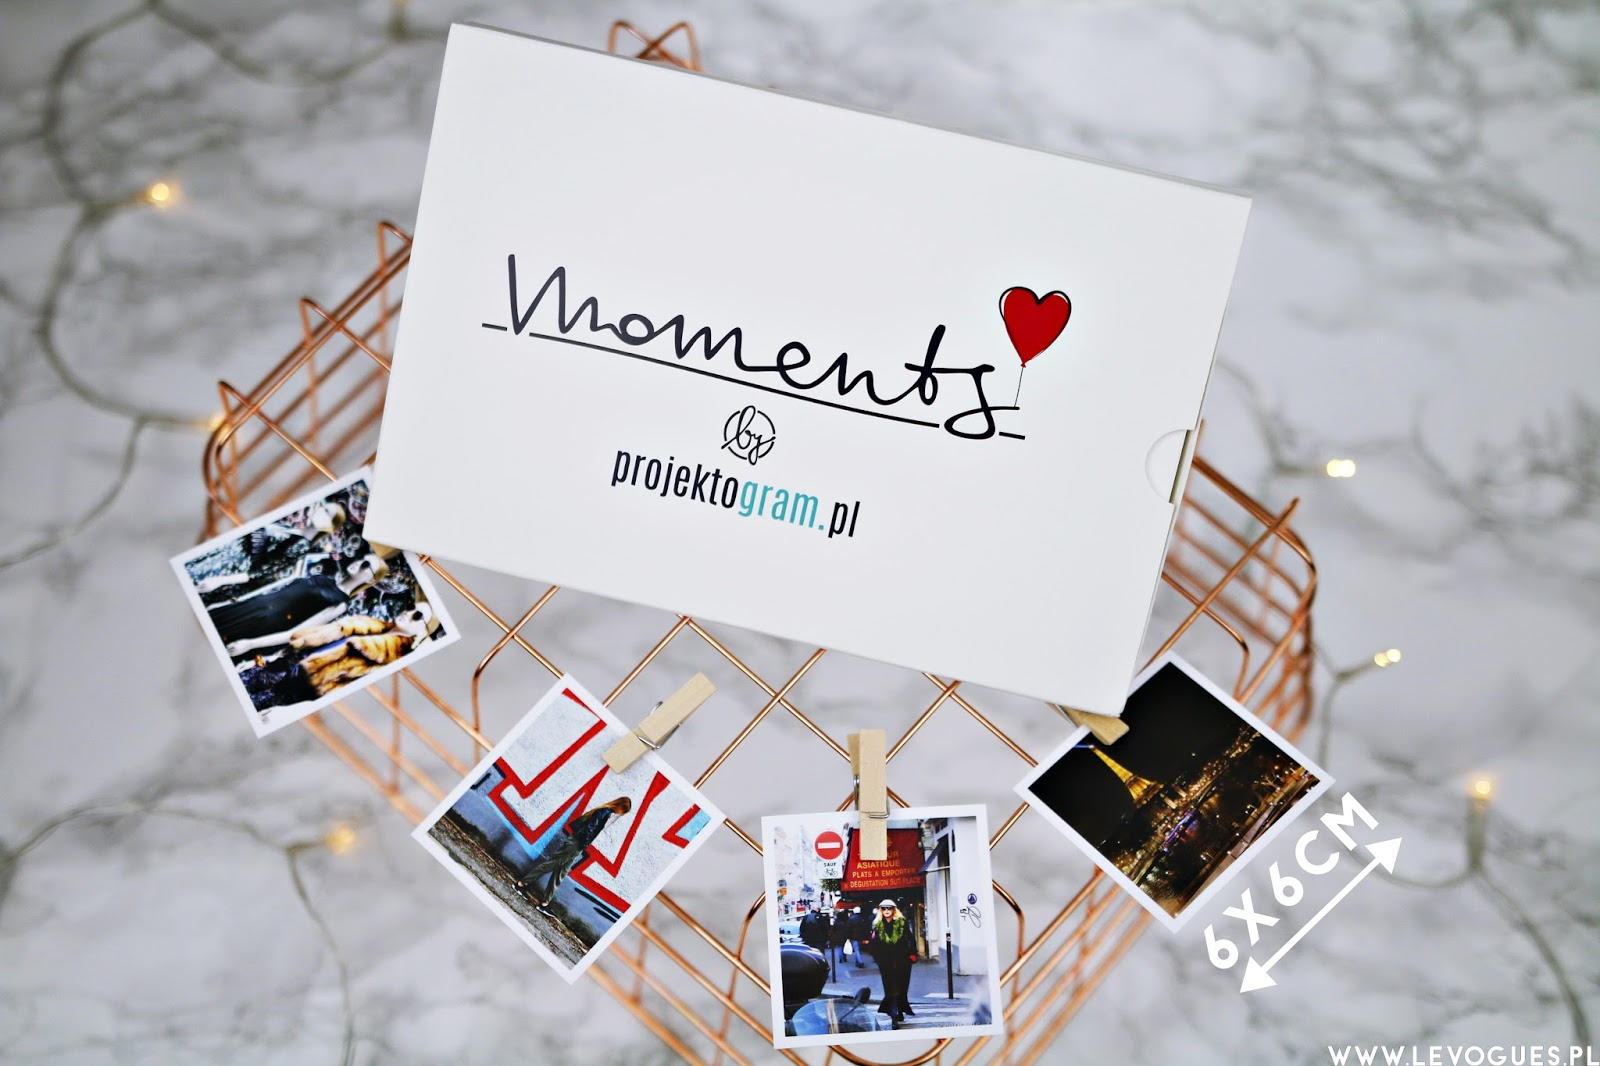 fotokwadraty projektogram zdjęcia kwadratowe instagram